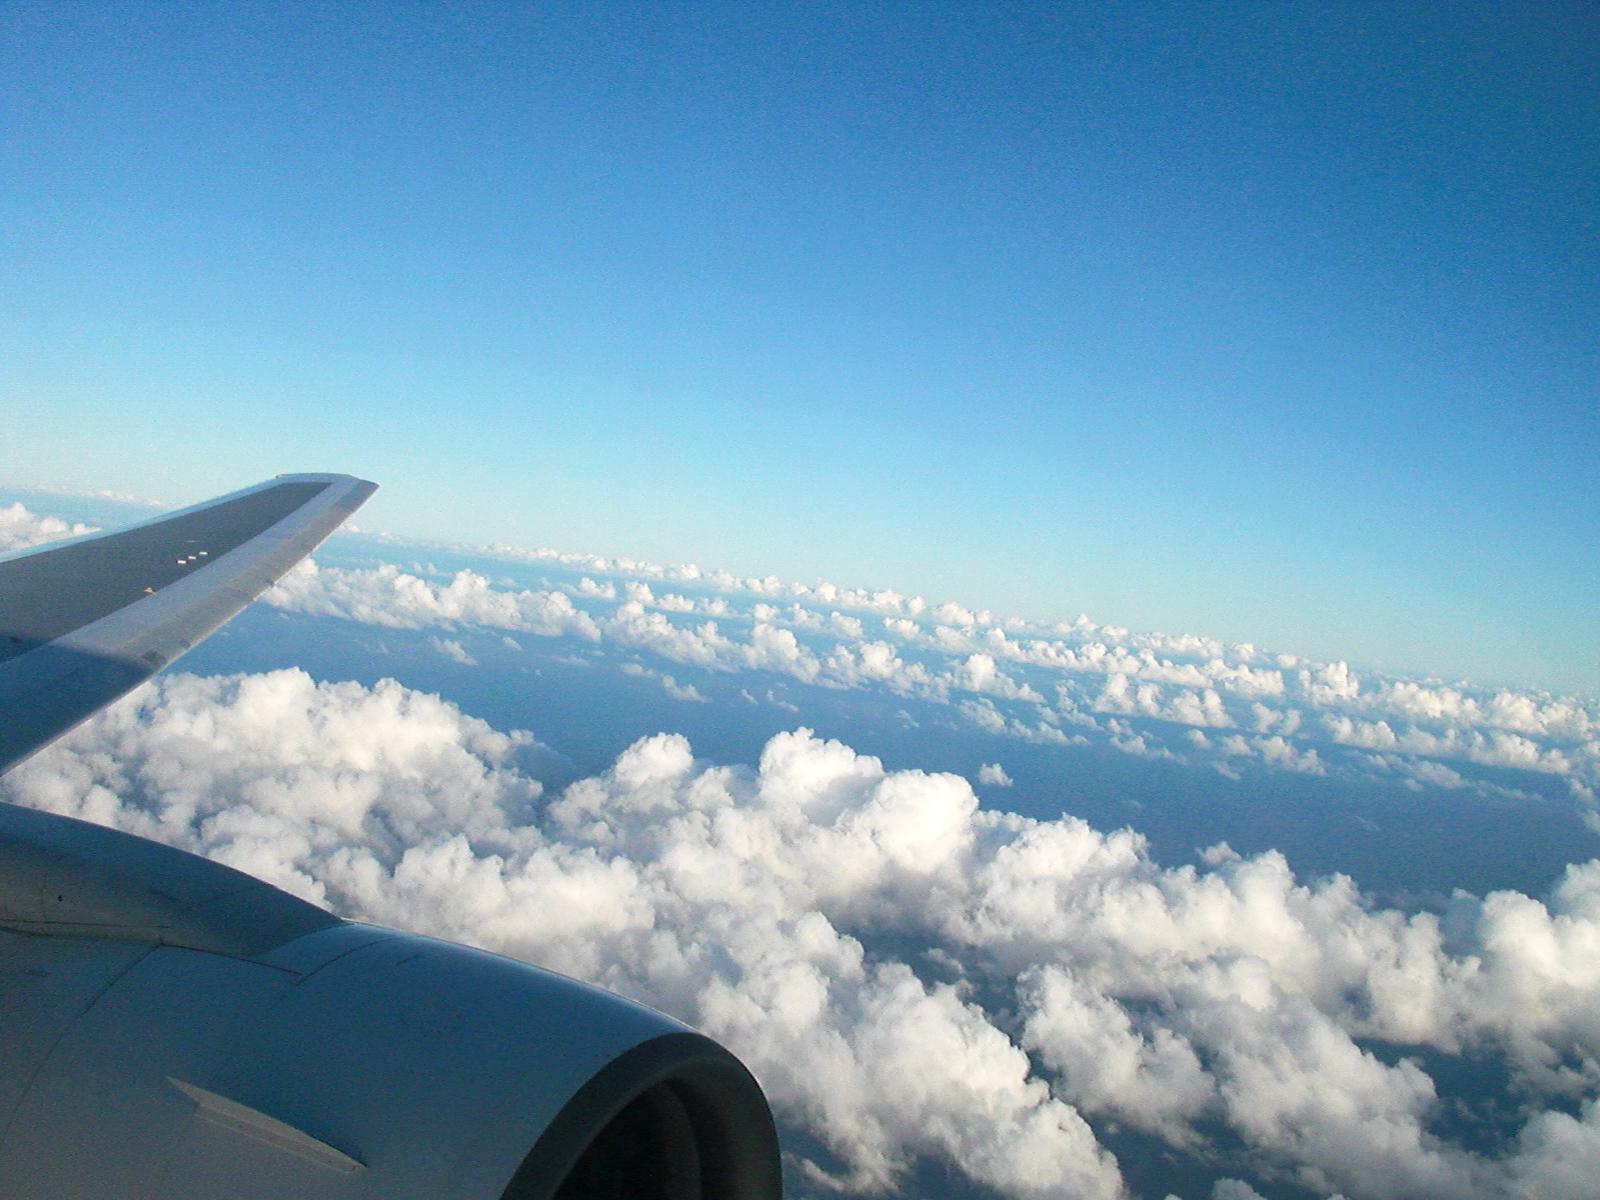 機内から見た景色